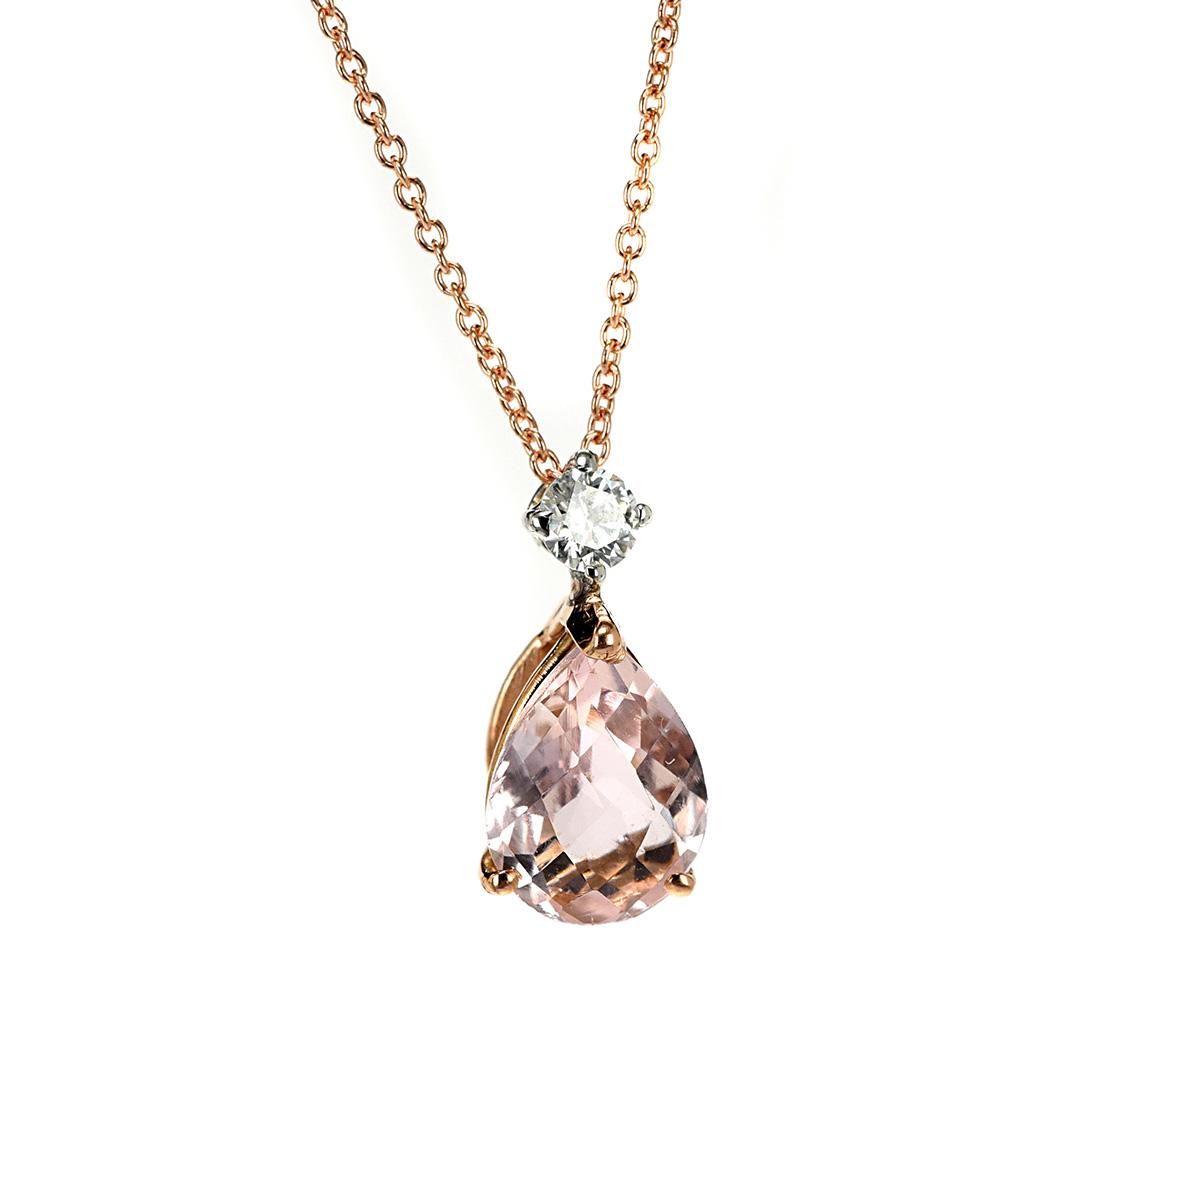 Κολιέ με διαμάντια και μοργκανίτη Κ18